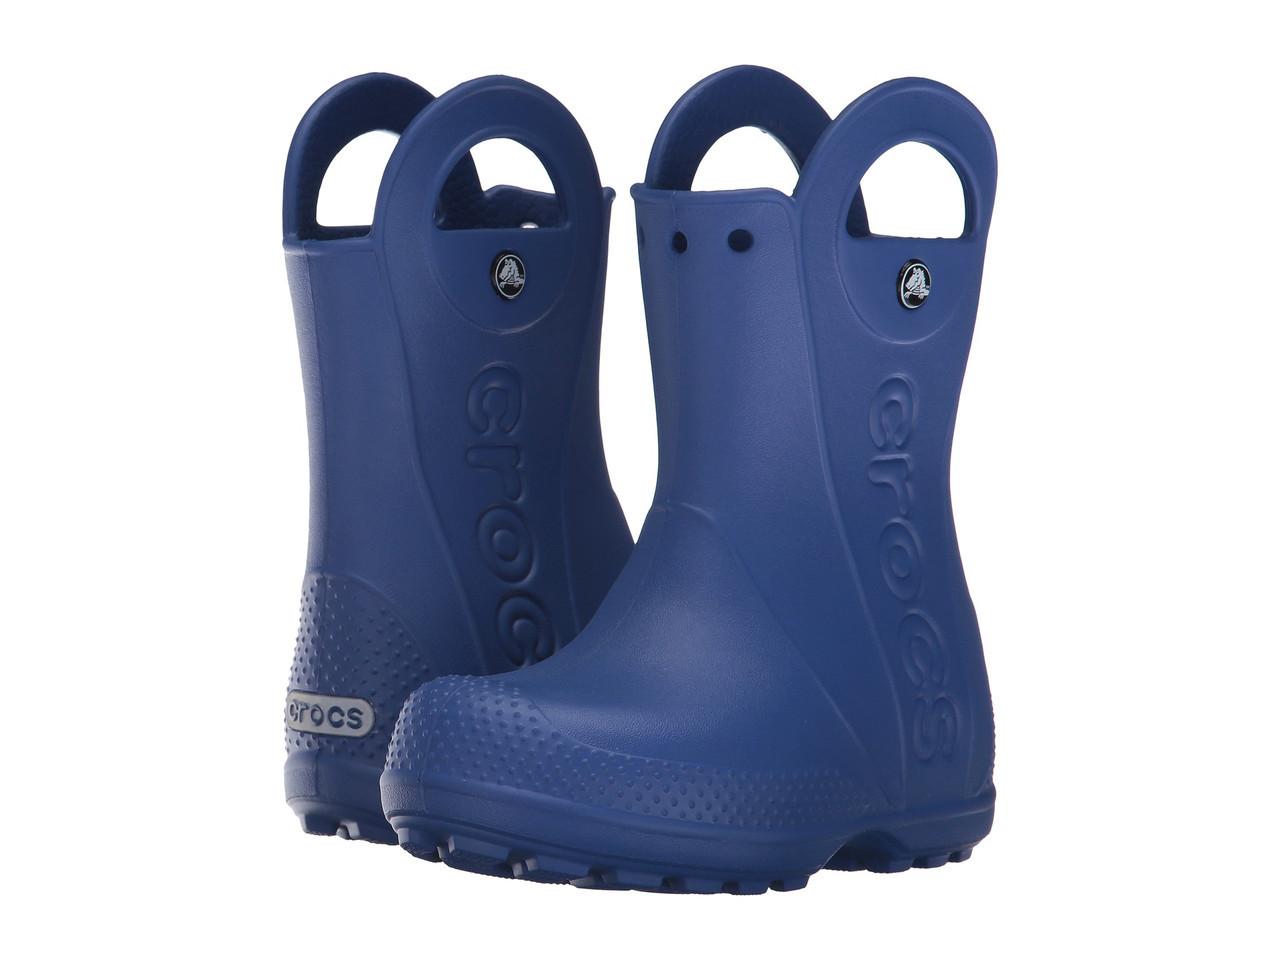 Сапоги резиновые для мальчика дождевики Кроксы с ручками / Crocs Kids Handle It Rain Boot (12803), Синие